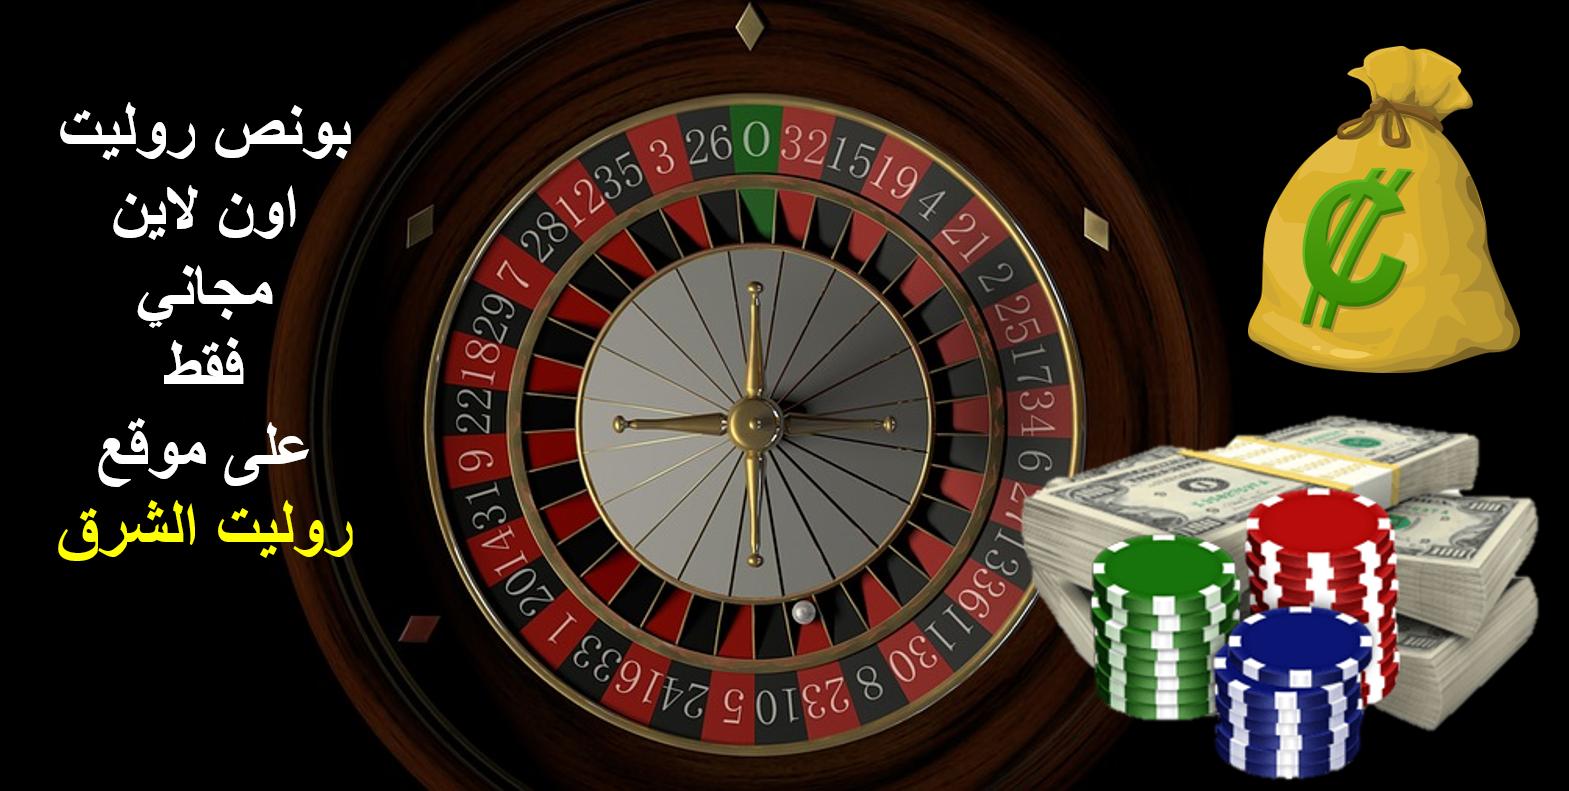 القمار الالكتروني لعبة - 95329